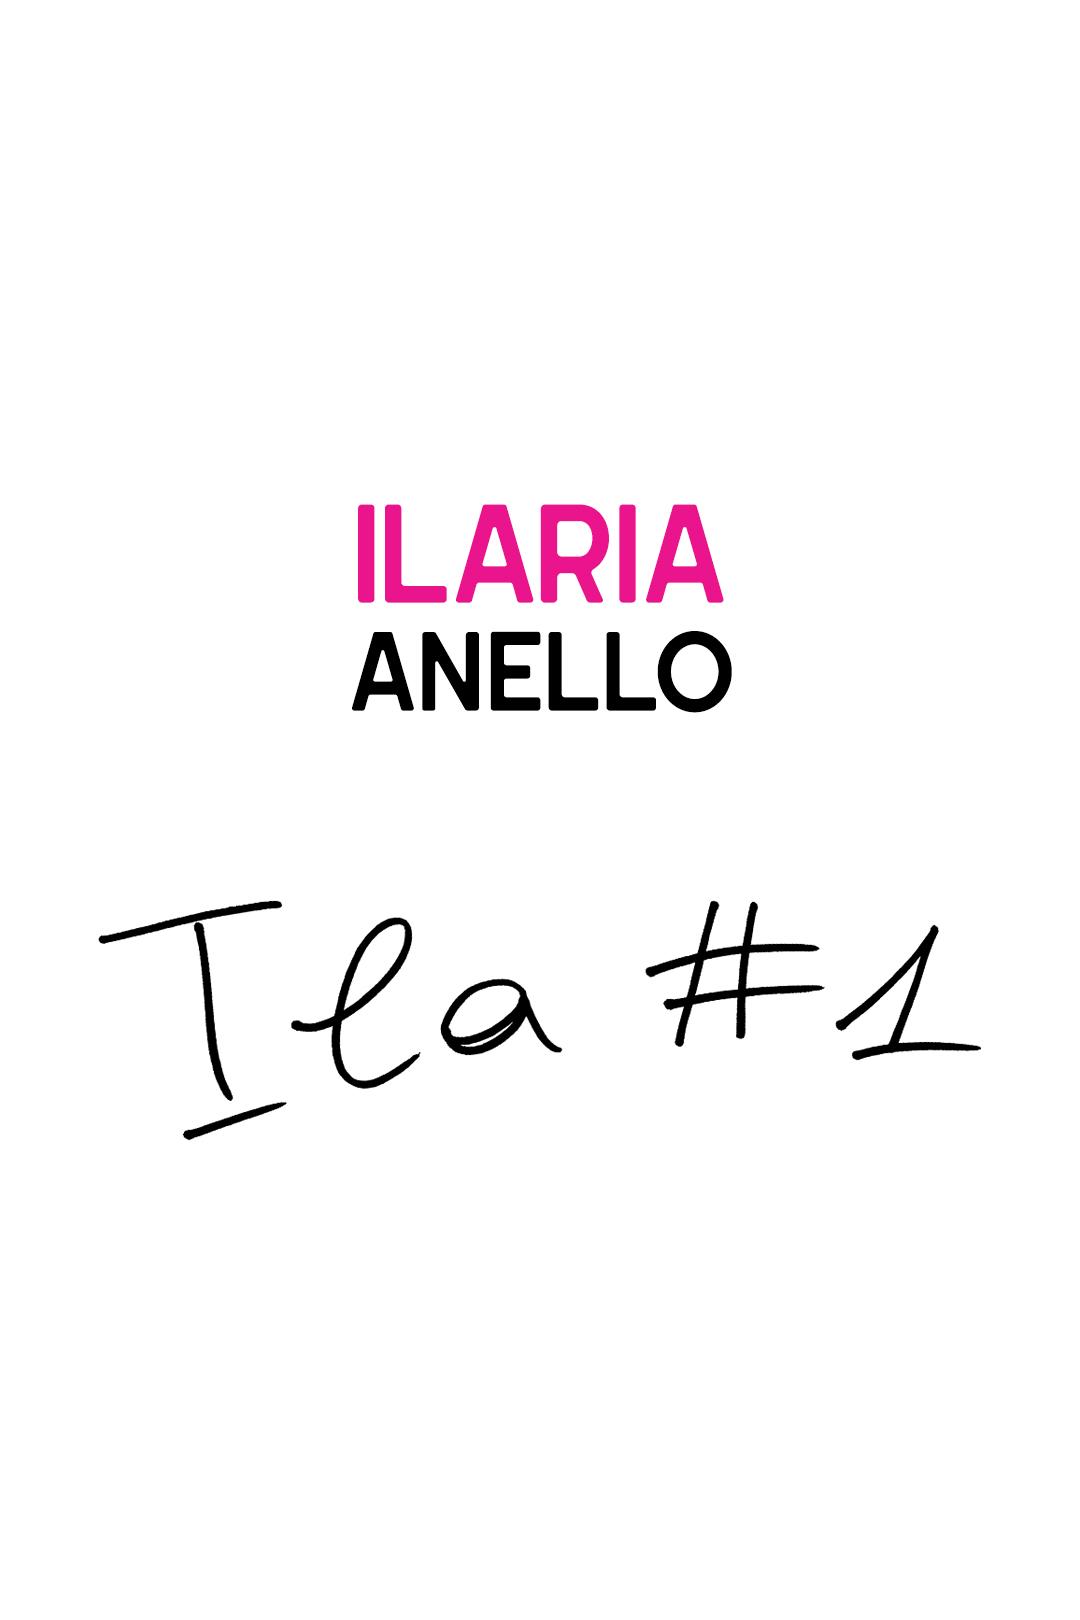 1 – Ilaria Anello